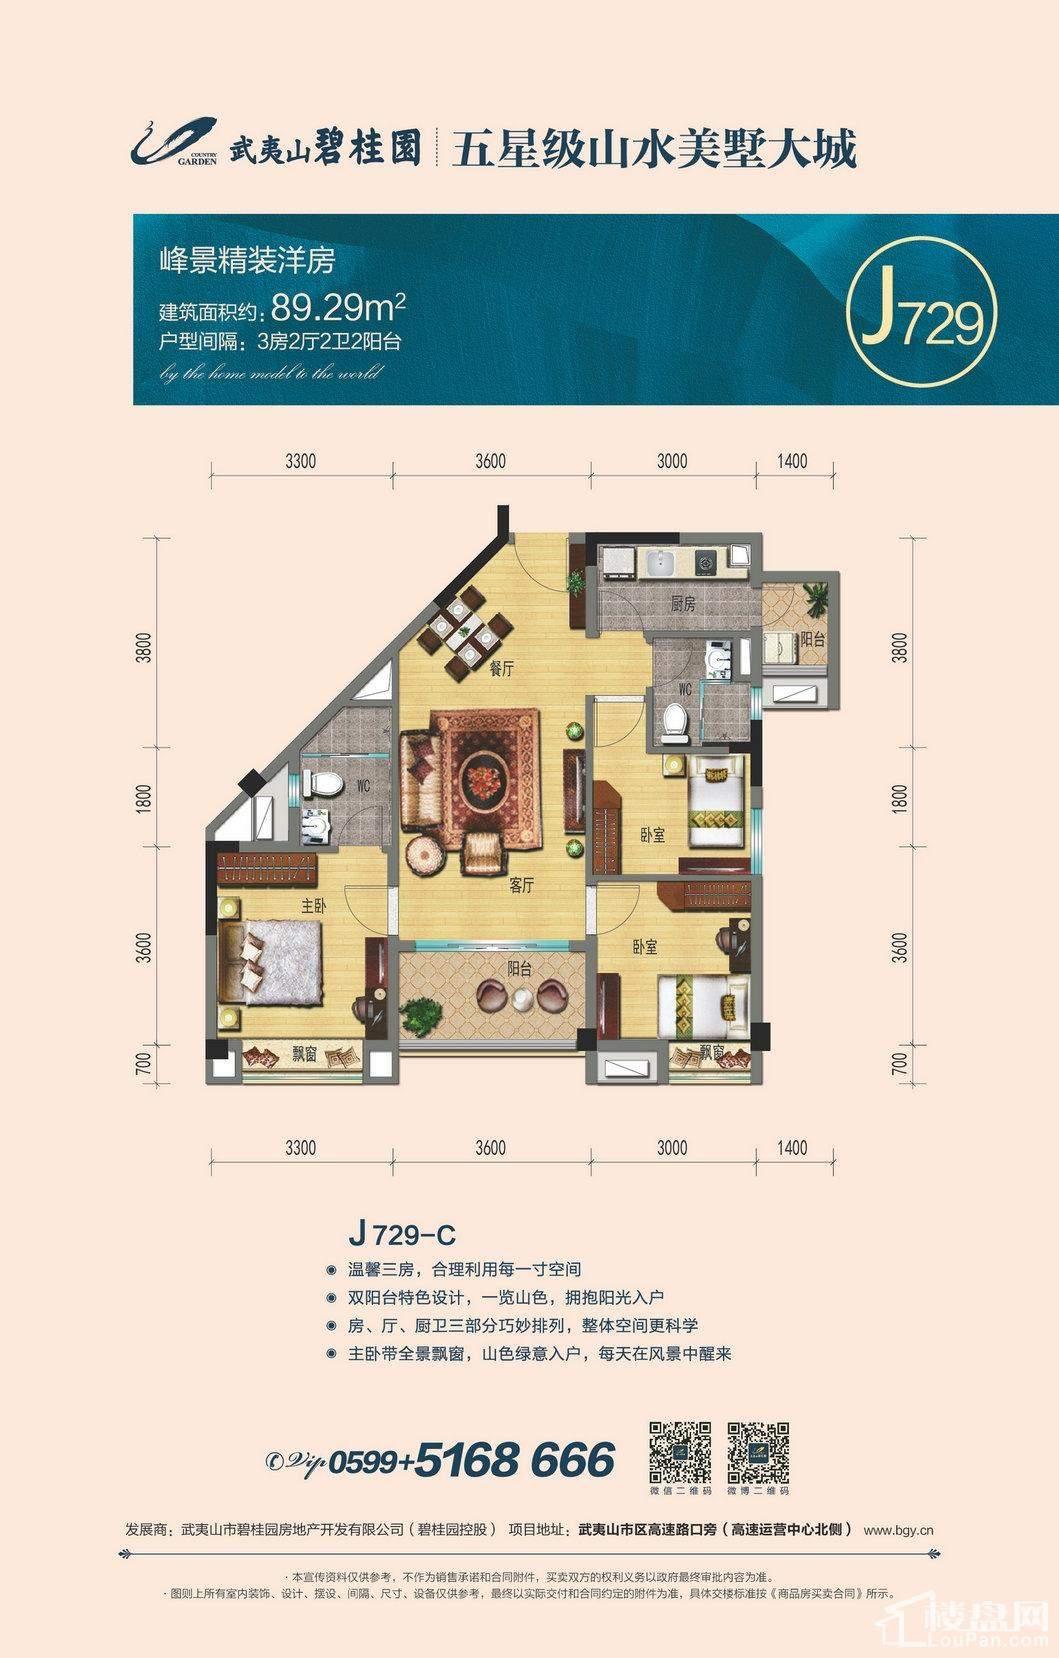 J729-C 峰景精装洋房